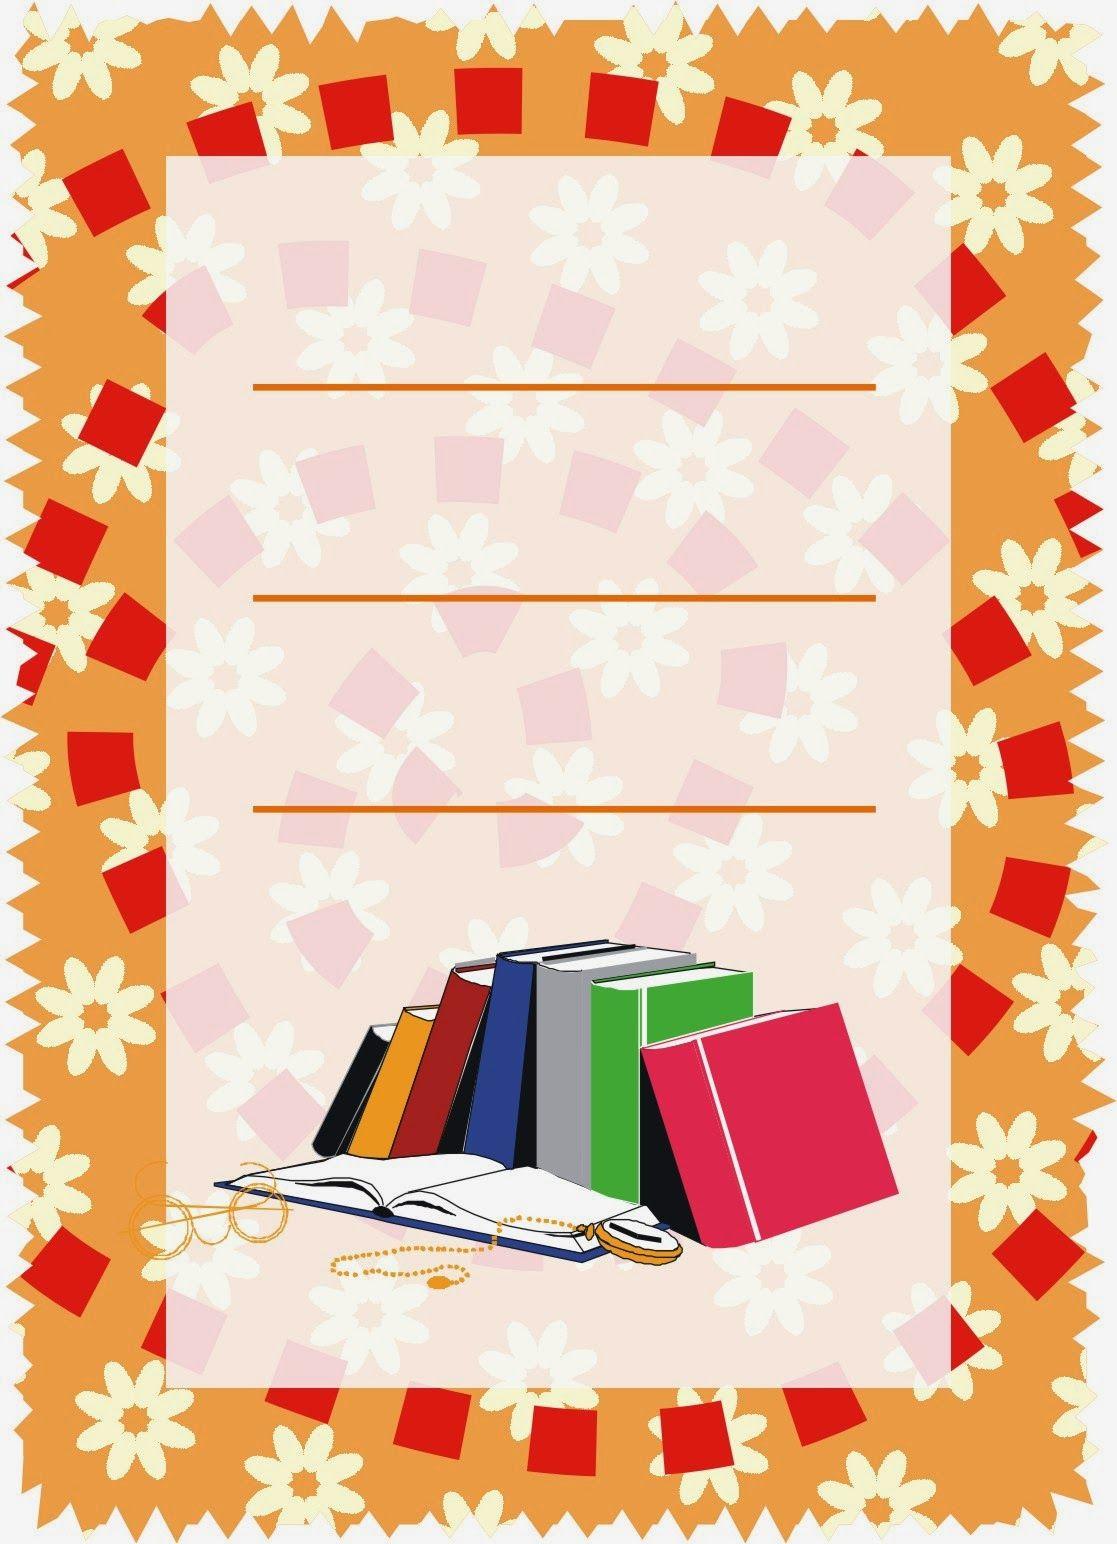 Resultado De Imagen Para Caratulas Para Cuadernos De Secundaria Libros Apilados Caratula De Historia Carátulas Para Cuadernos